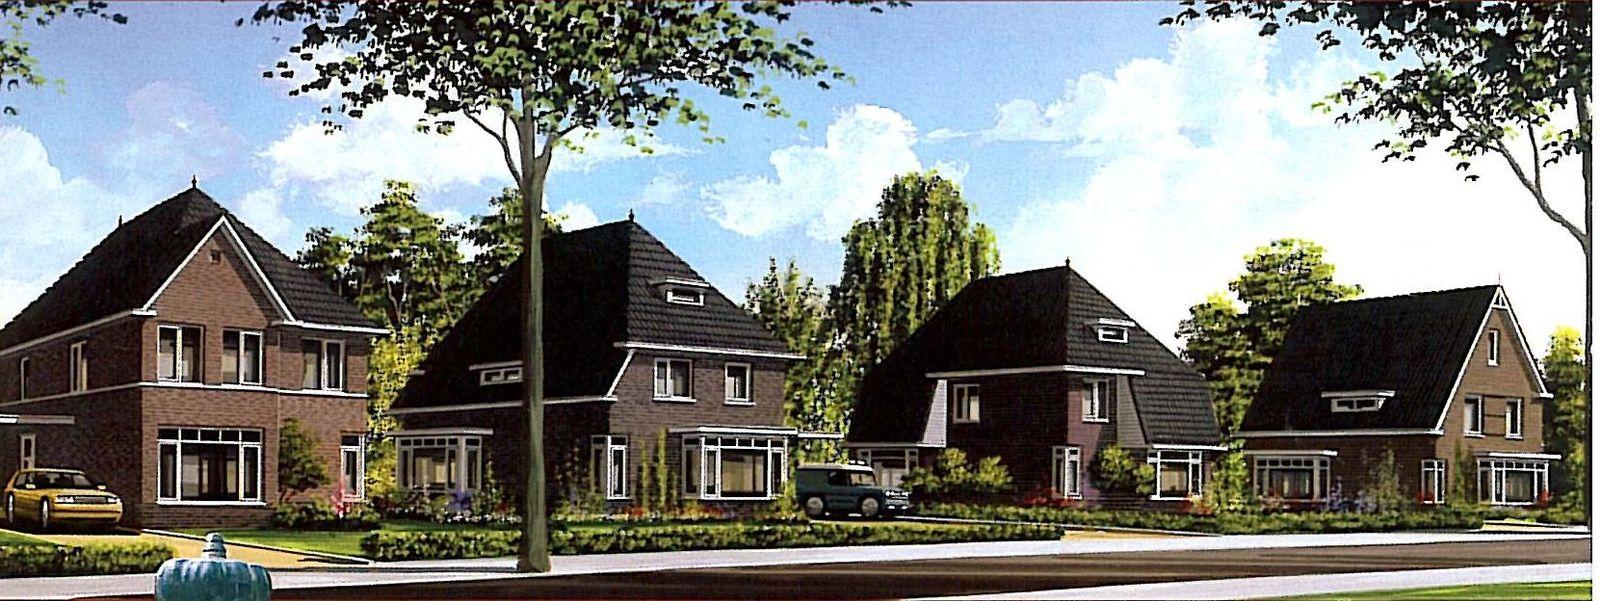 Dorpsstraat 44, Heino